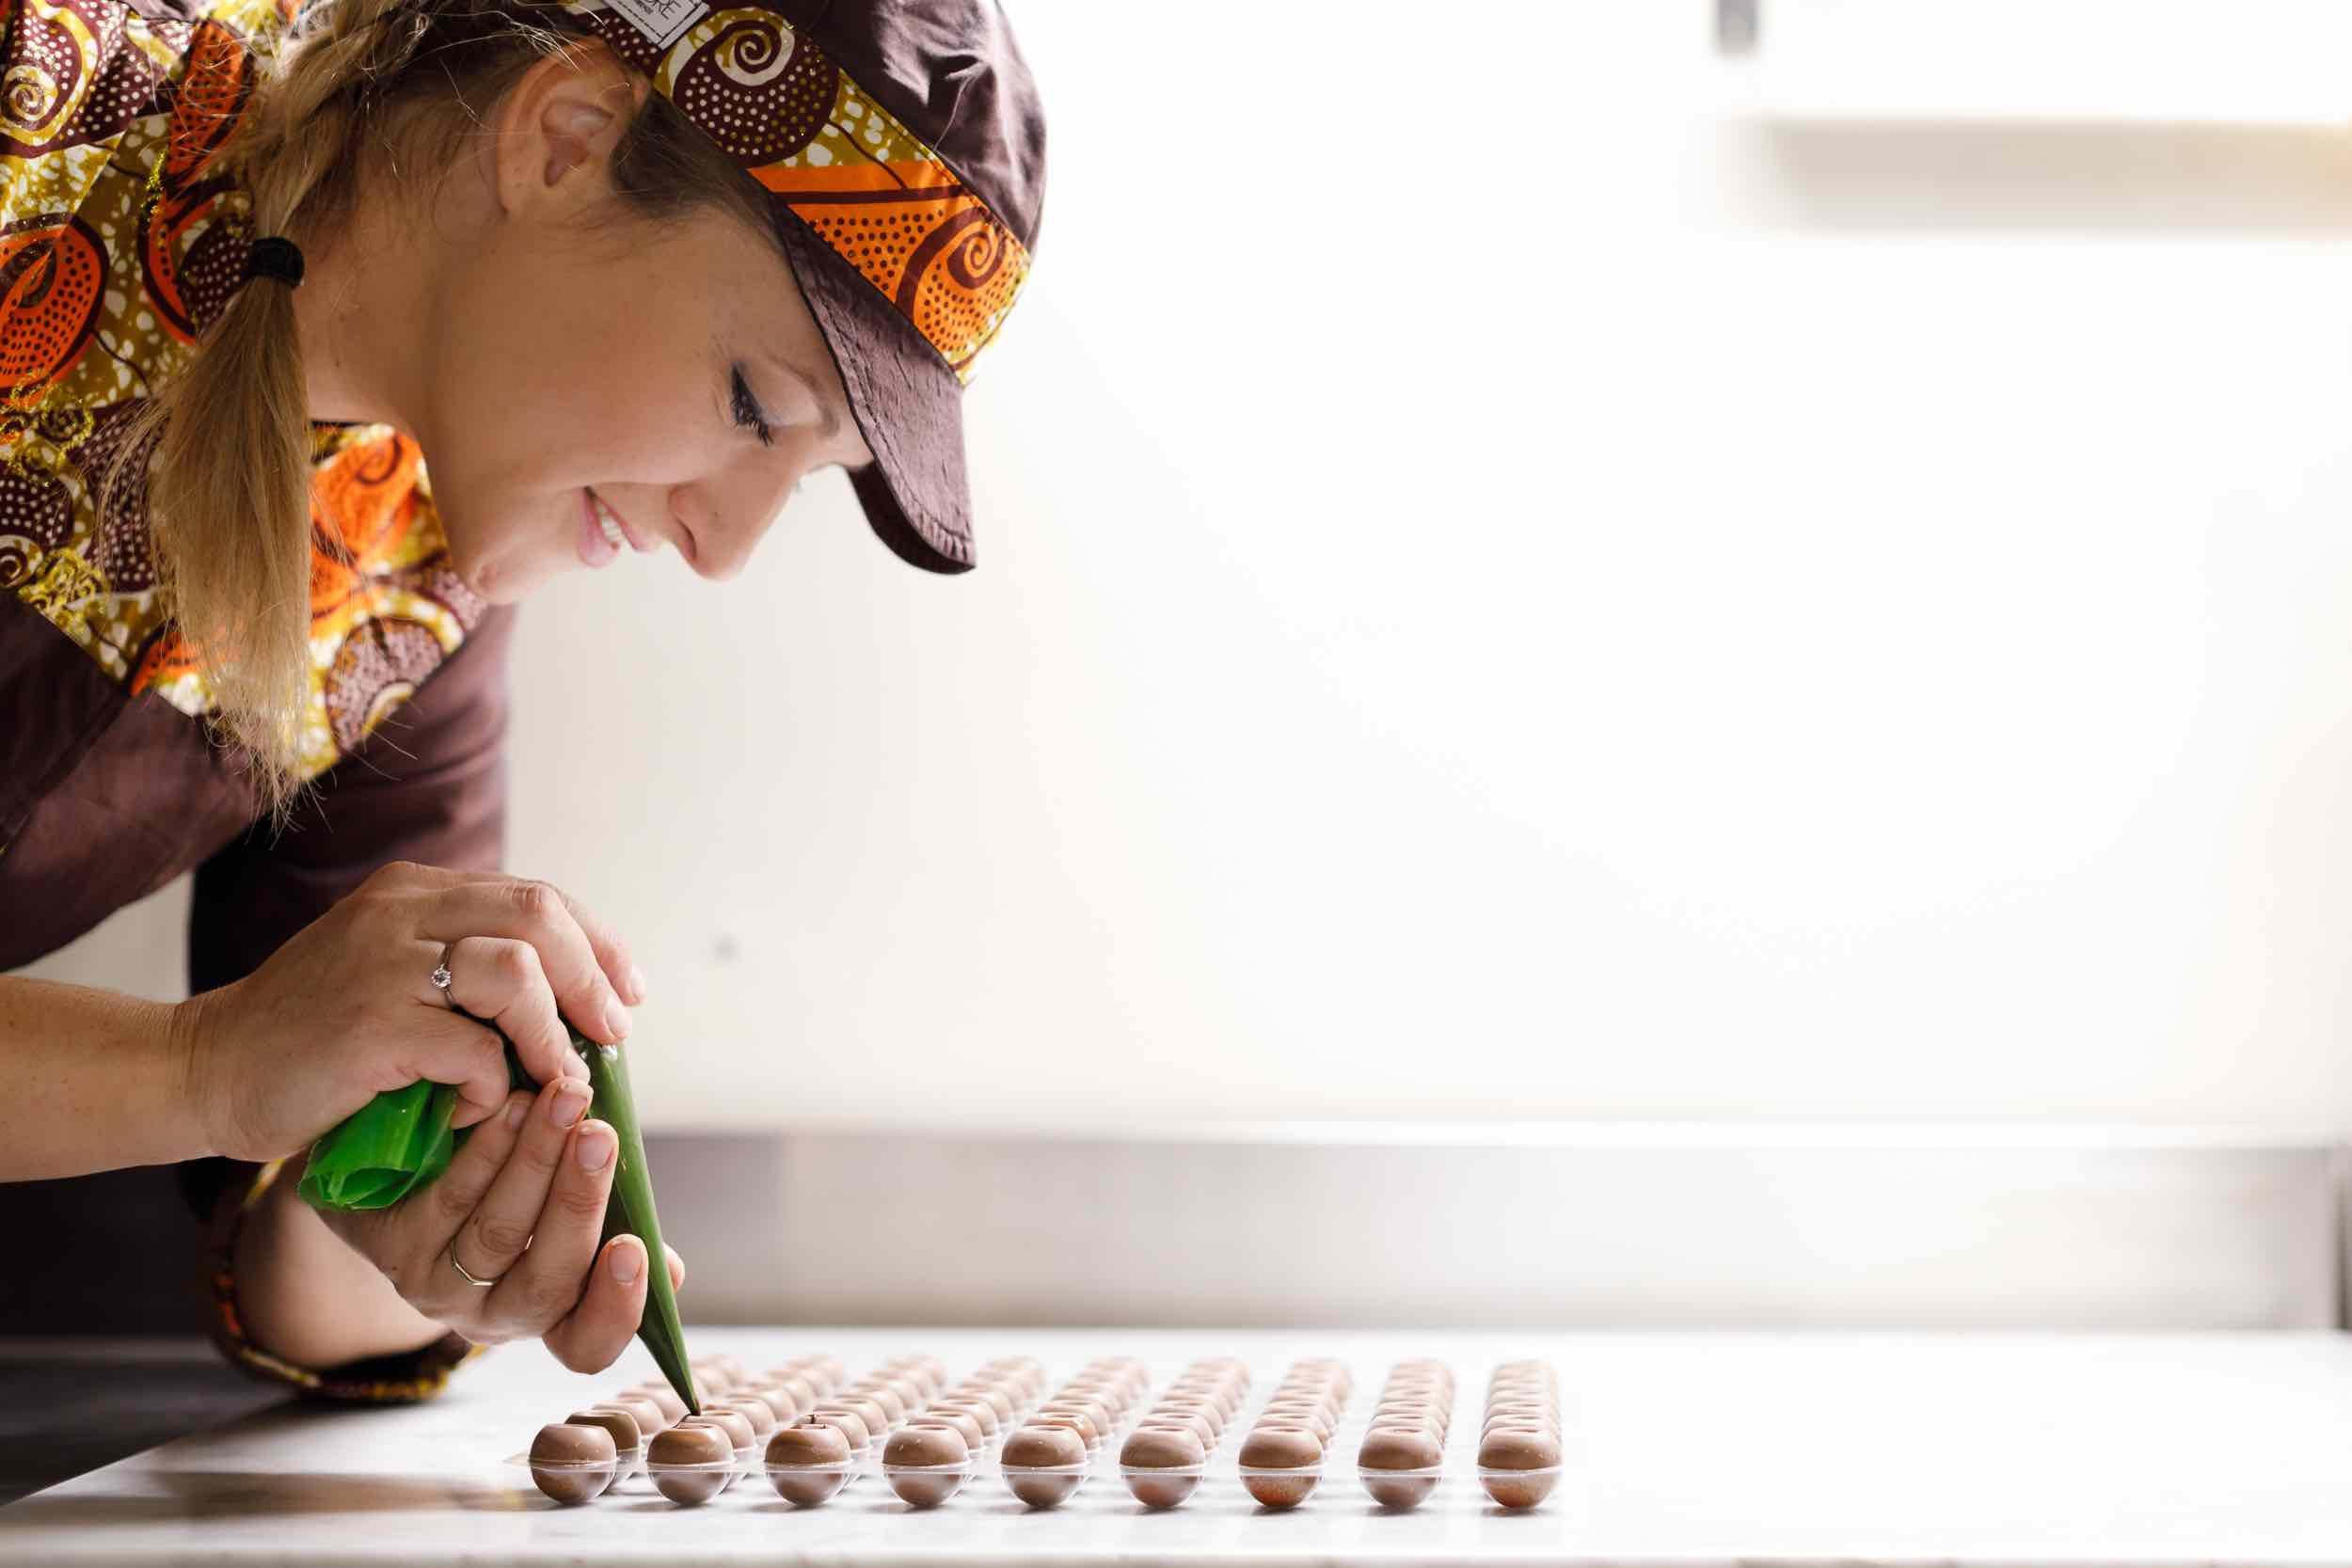 DonaMalina, botteghe di cioccolateria e gelaterie a Firenze, produce deliziose creazione artigianali per gli tutti gli amanti della dolcezza